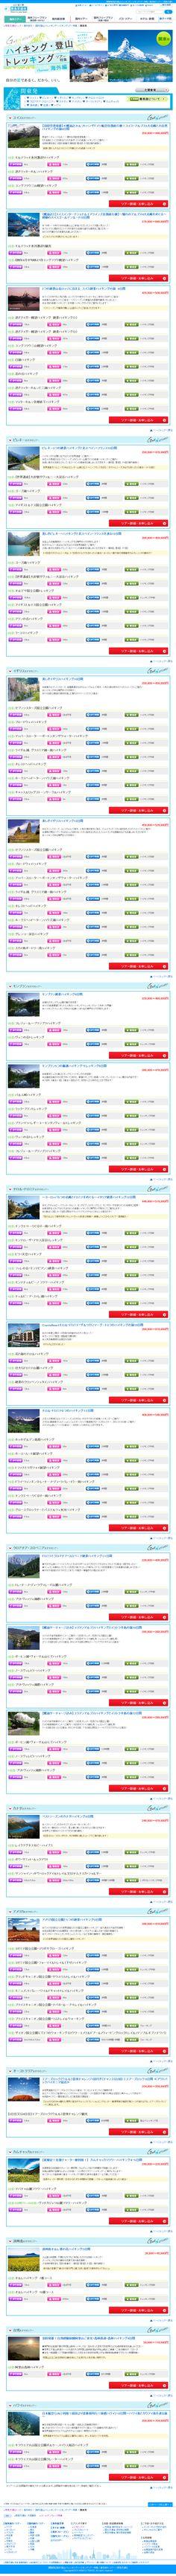 関東発--海外-登山・トレッキング・ハイキングツアー特集 海外旅行-ツアー 阪急交通社